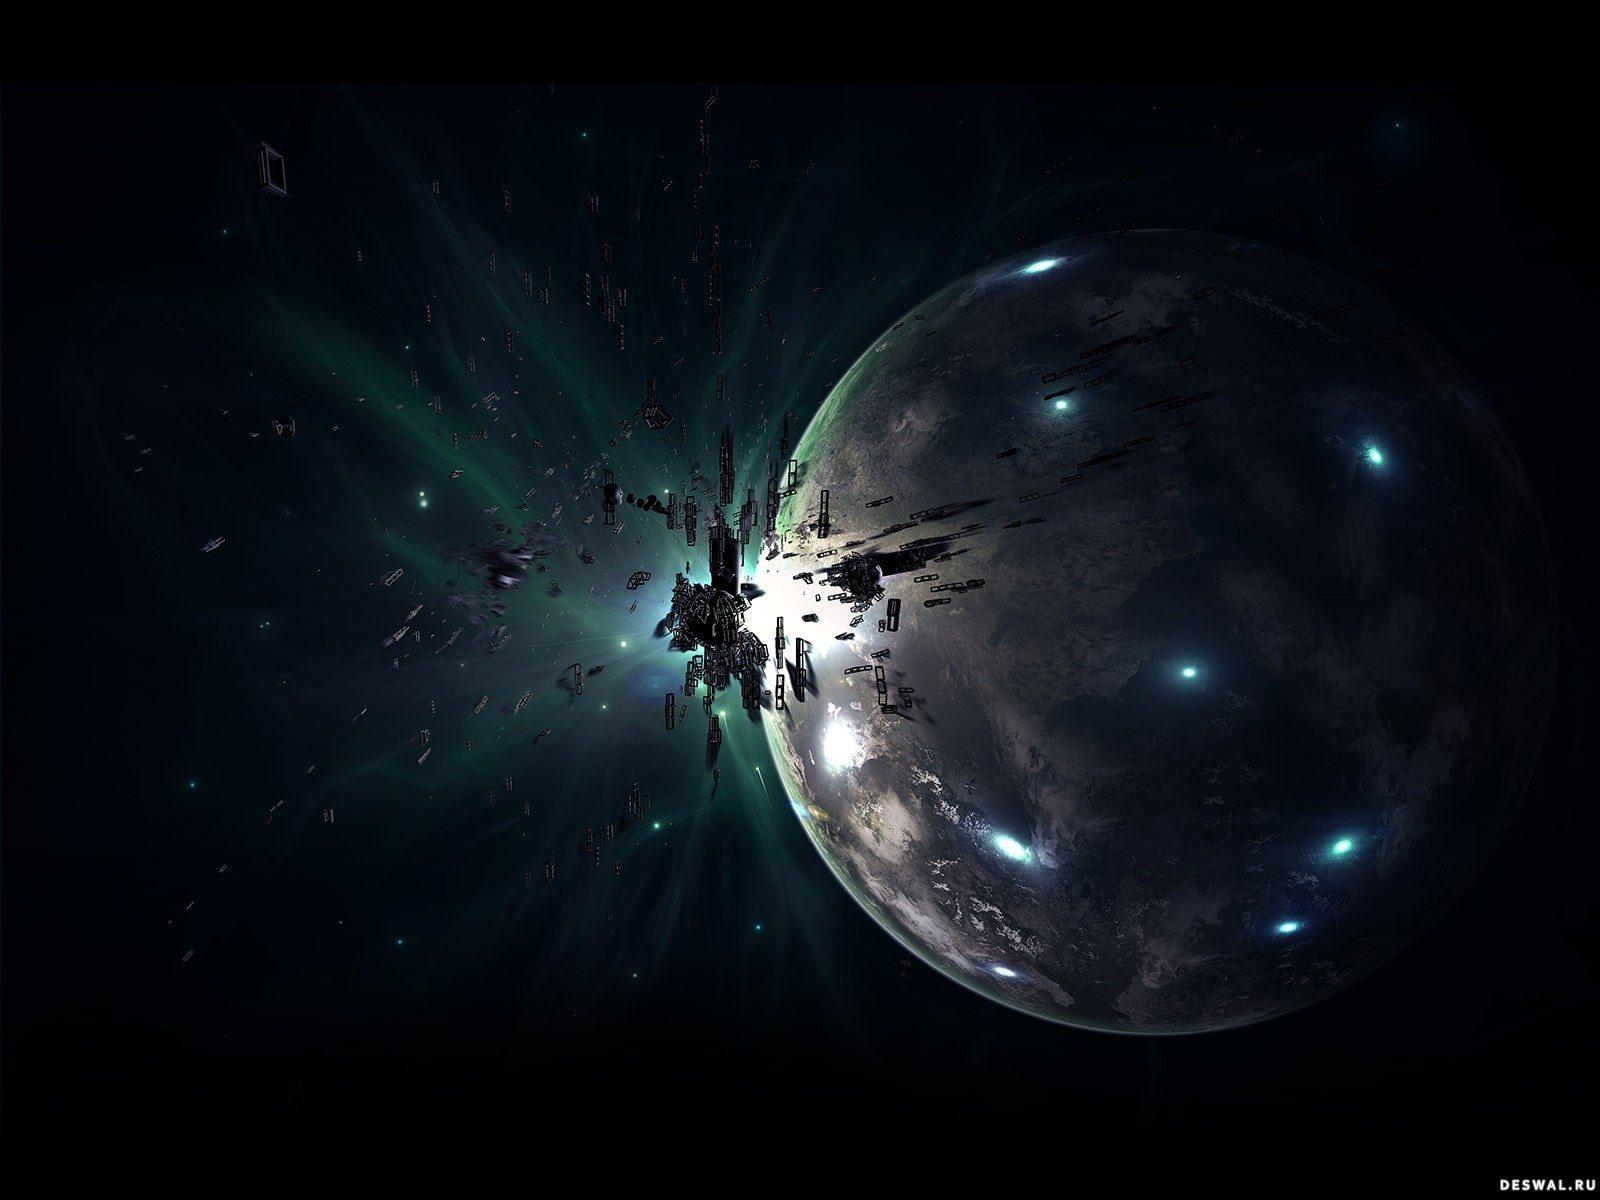 Фото 12.. Нажмите на картинку с обоями космоса, чтобы просмотреть ее в реальном размере